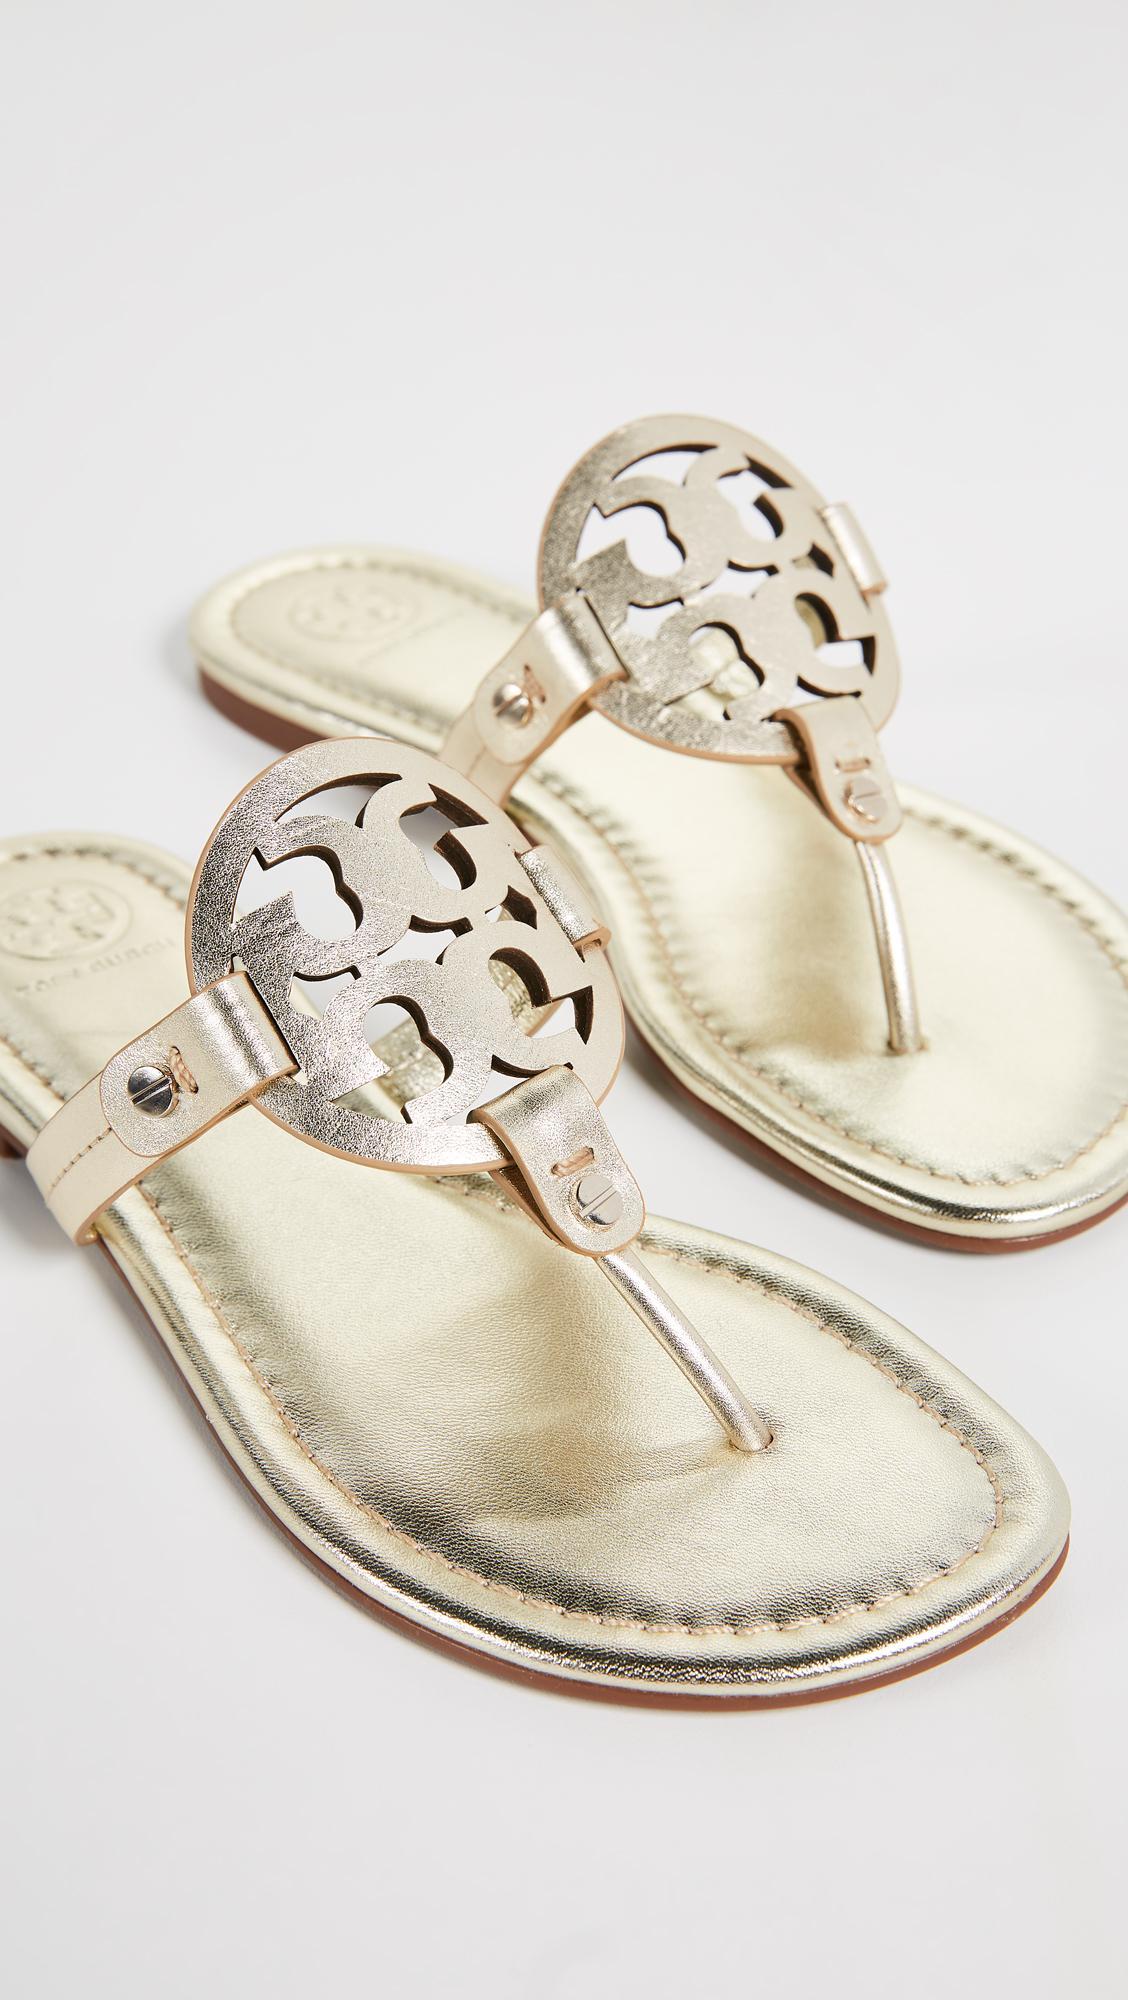 d89cba15d Lyst - Tory Burch Miller Thong Sandals - Save 15%